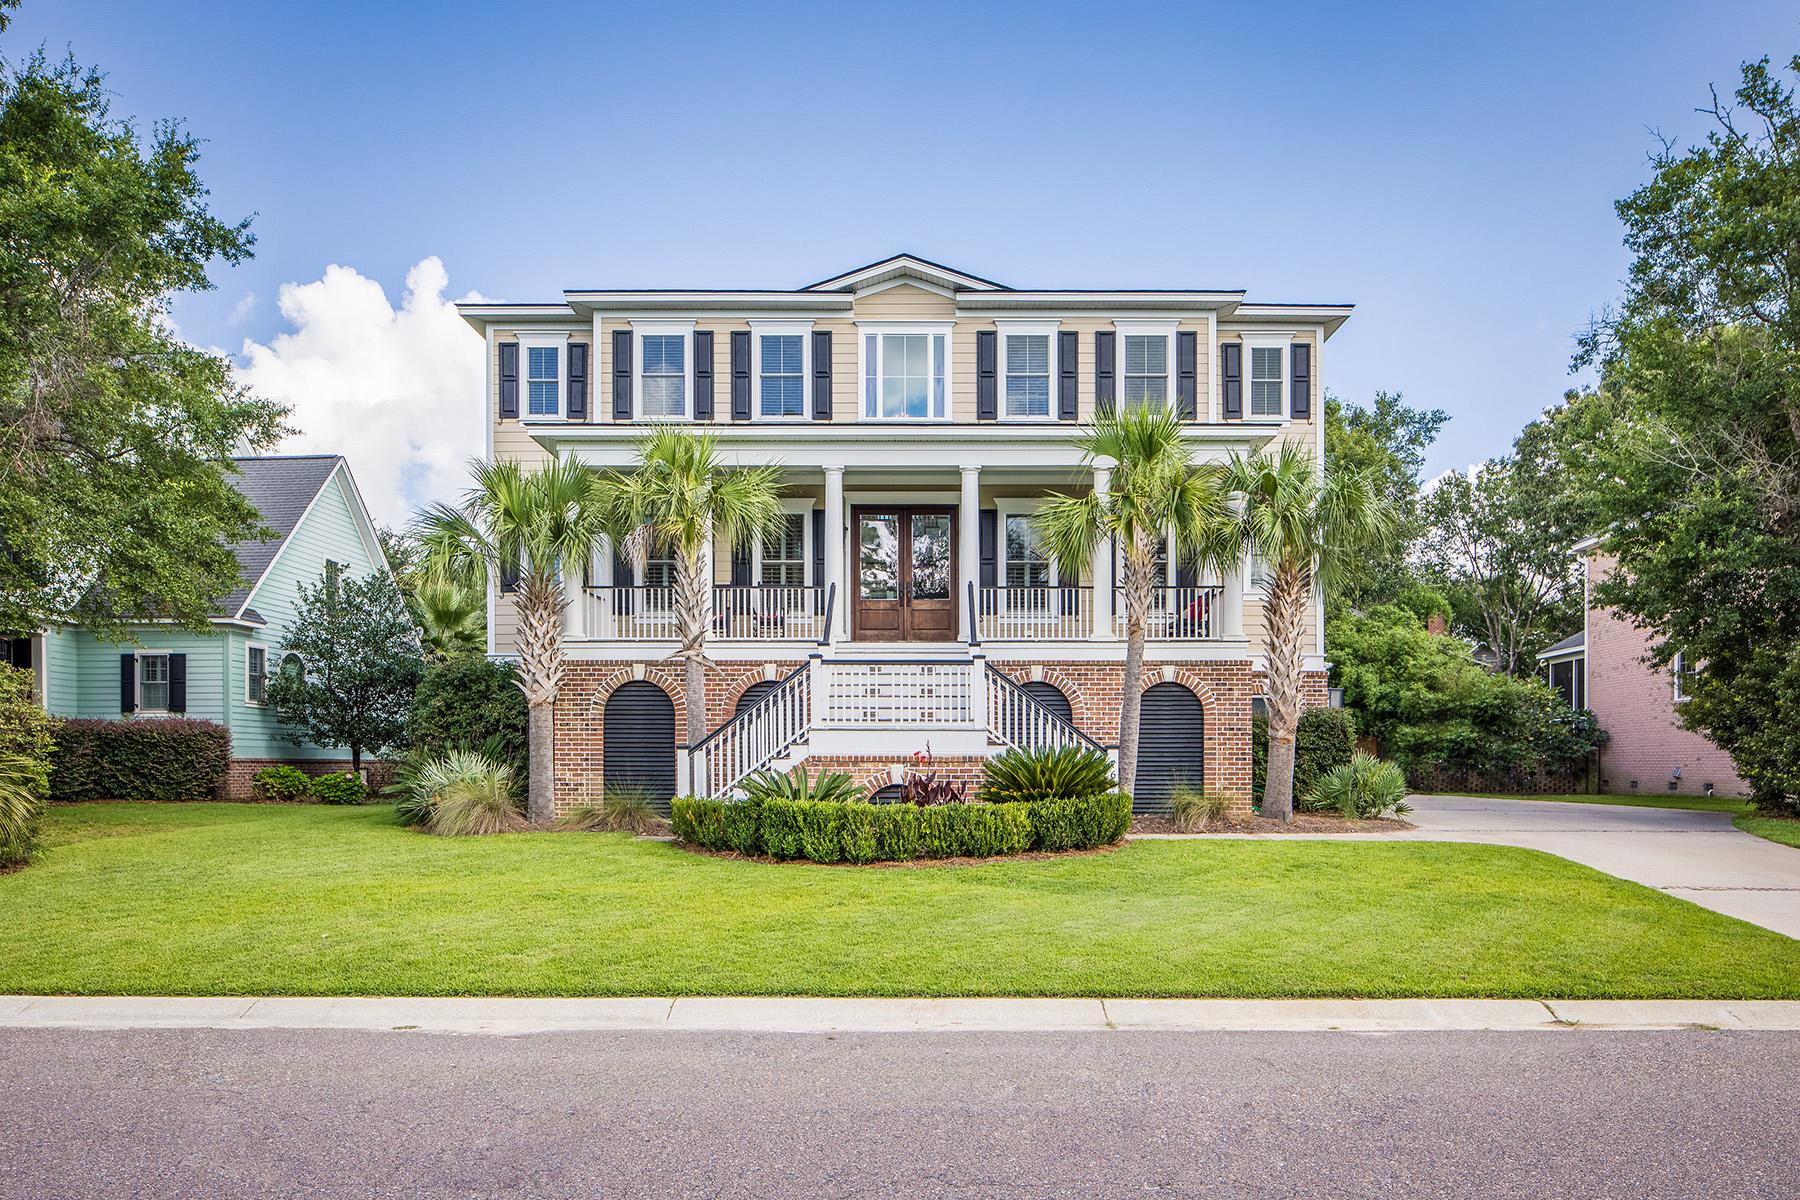 独户住宅 为 销售 在 768 Whispering Marsh Drive 查尔斯顿, 南卡罗来纳州, 29412 美国